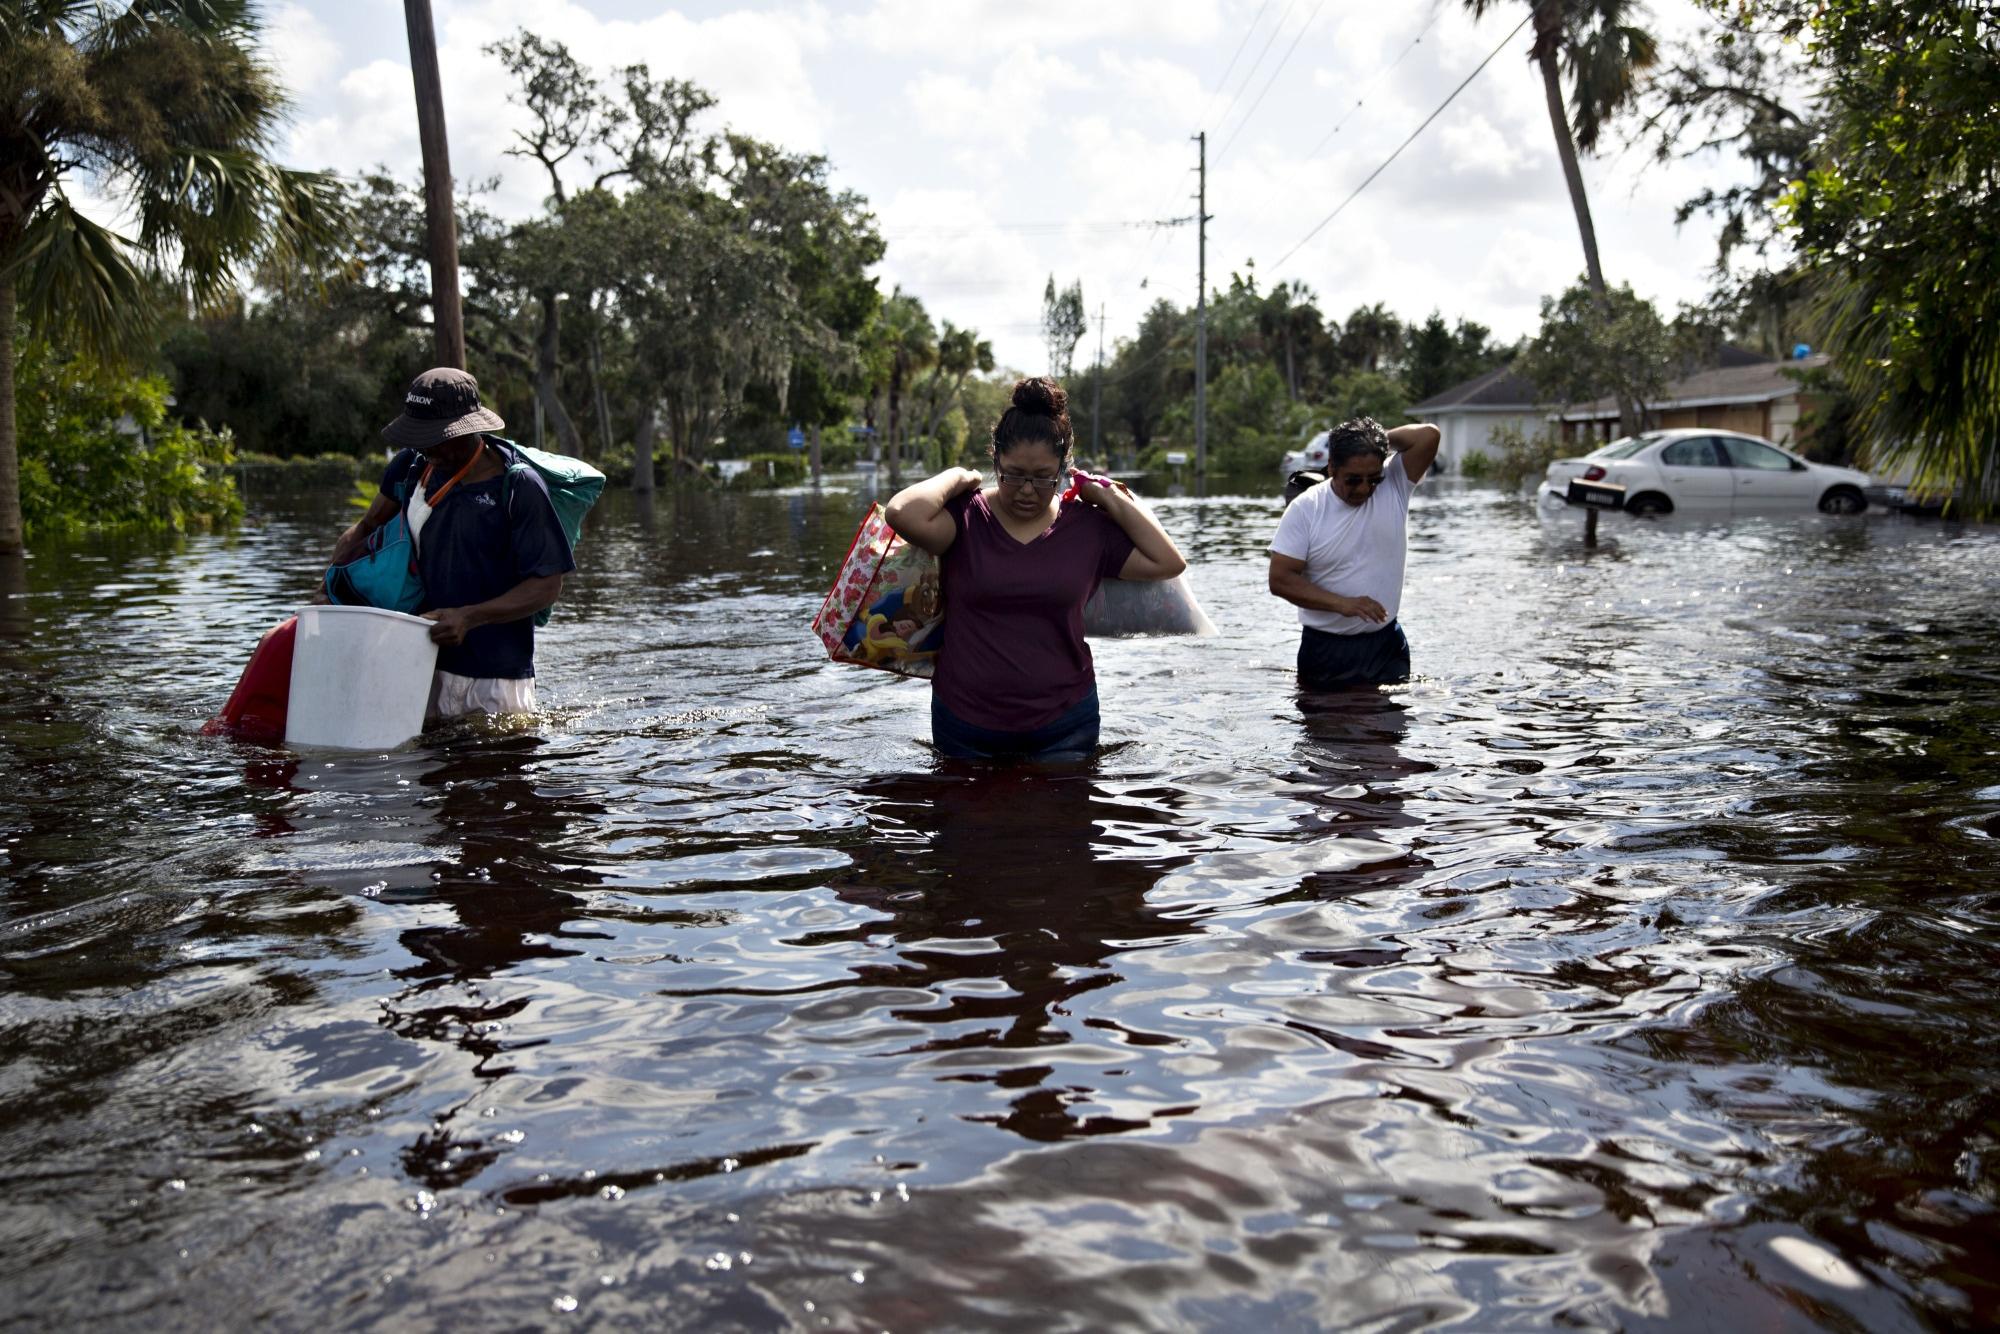 Passagem do furacão Irma em Bonita Springs, na Flórida | Imagem: Daniel Acker / Bloomberg